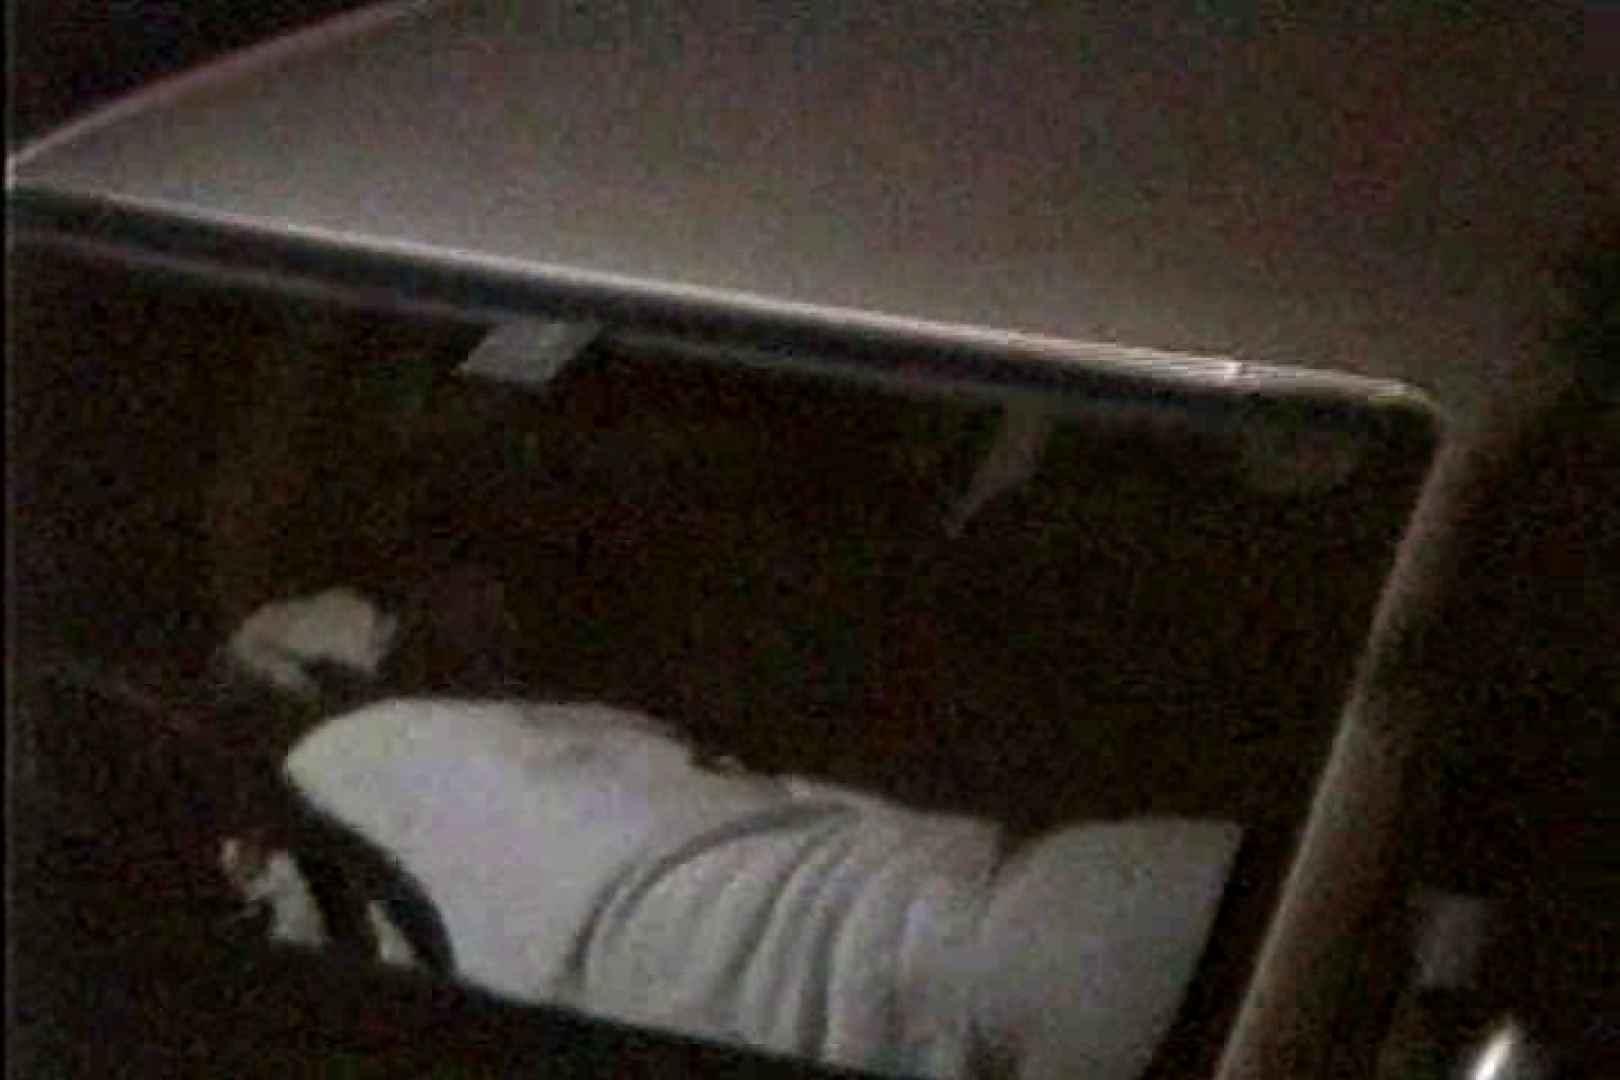 車の中はラブホテル 無修正版  Vol.8 美女OL おめこ無修正画像 68連発 18